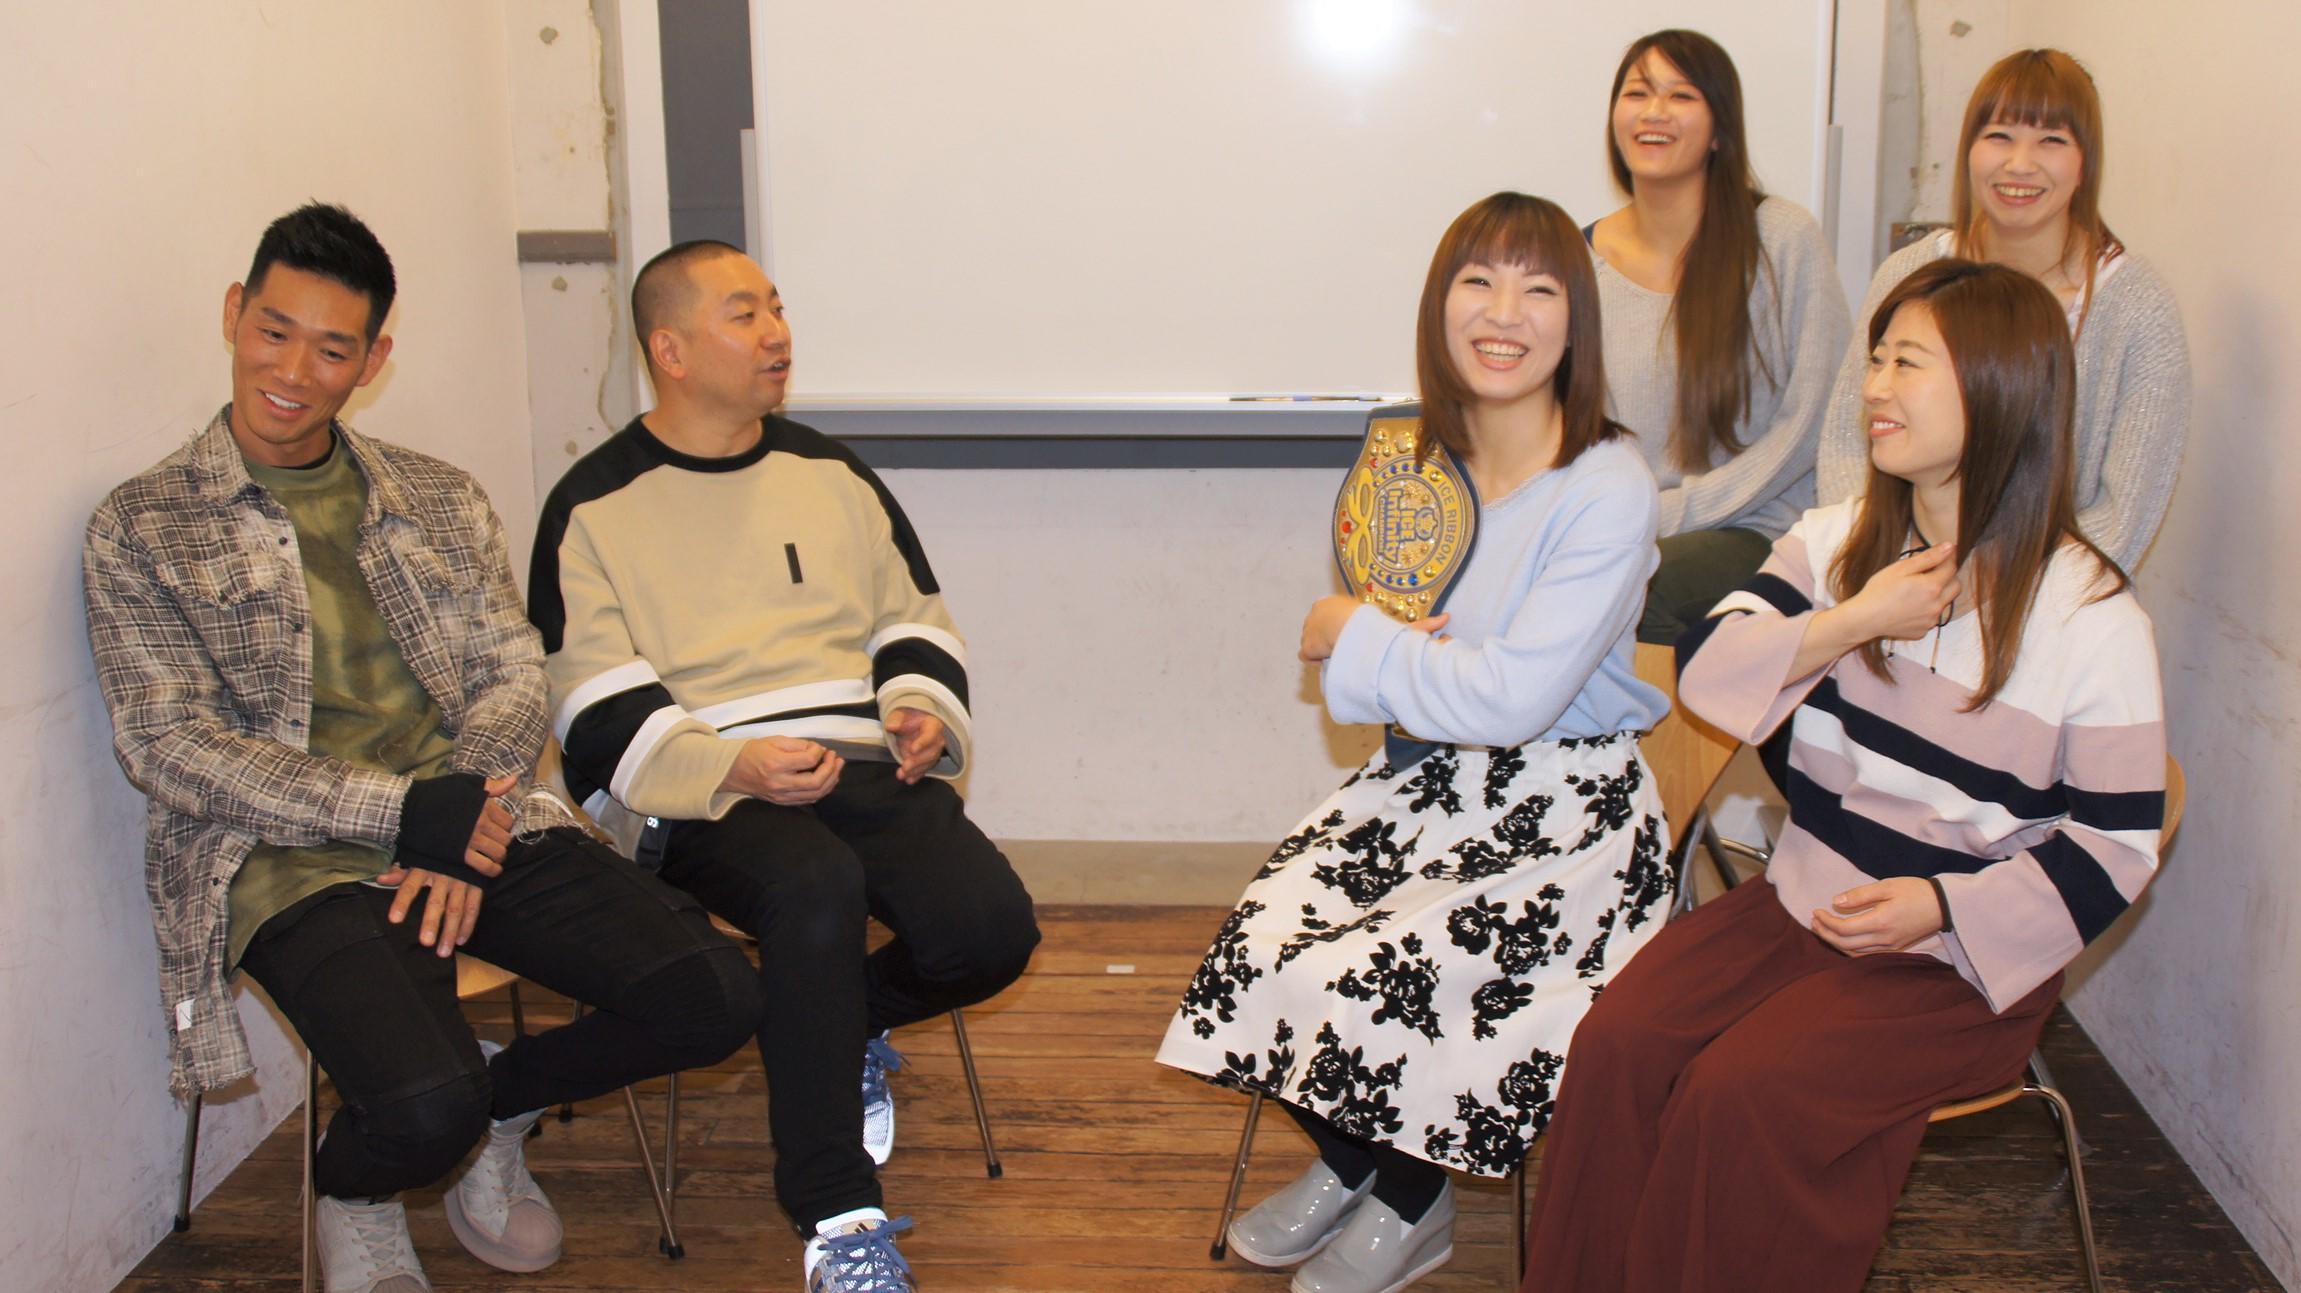 http://news.yoshimoto.co.jp/20170125131742-f479445530c86b4b92c70afb2cf17a3e49afcf14.jpg